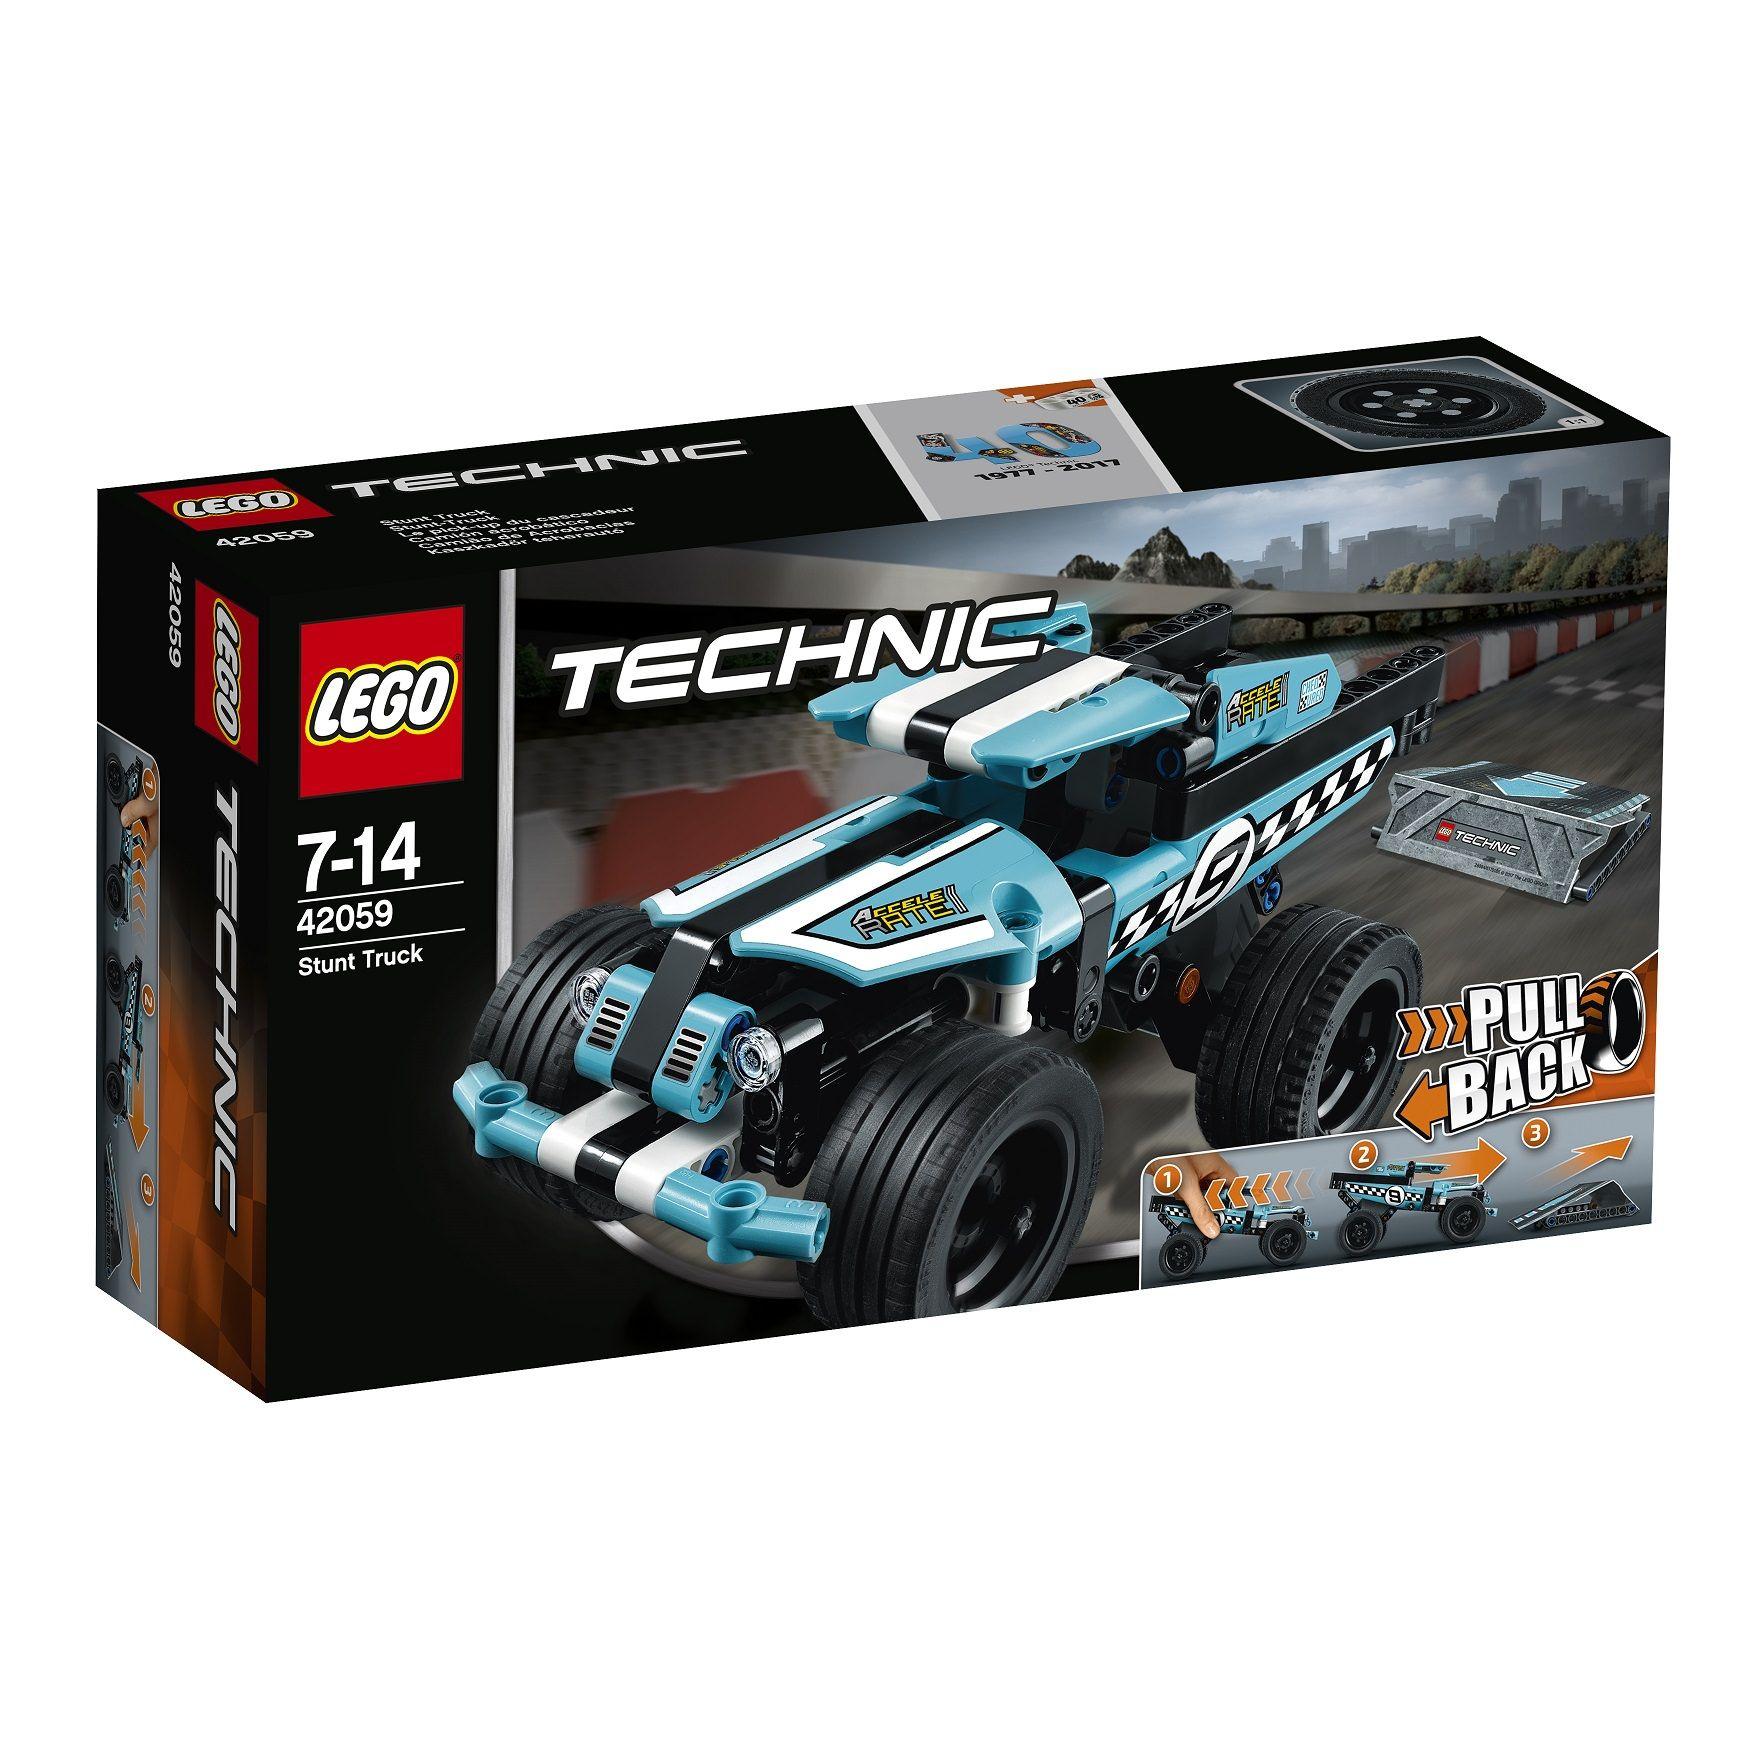 Stunt truck 42059 lego technic